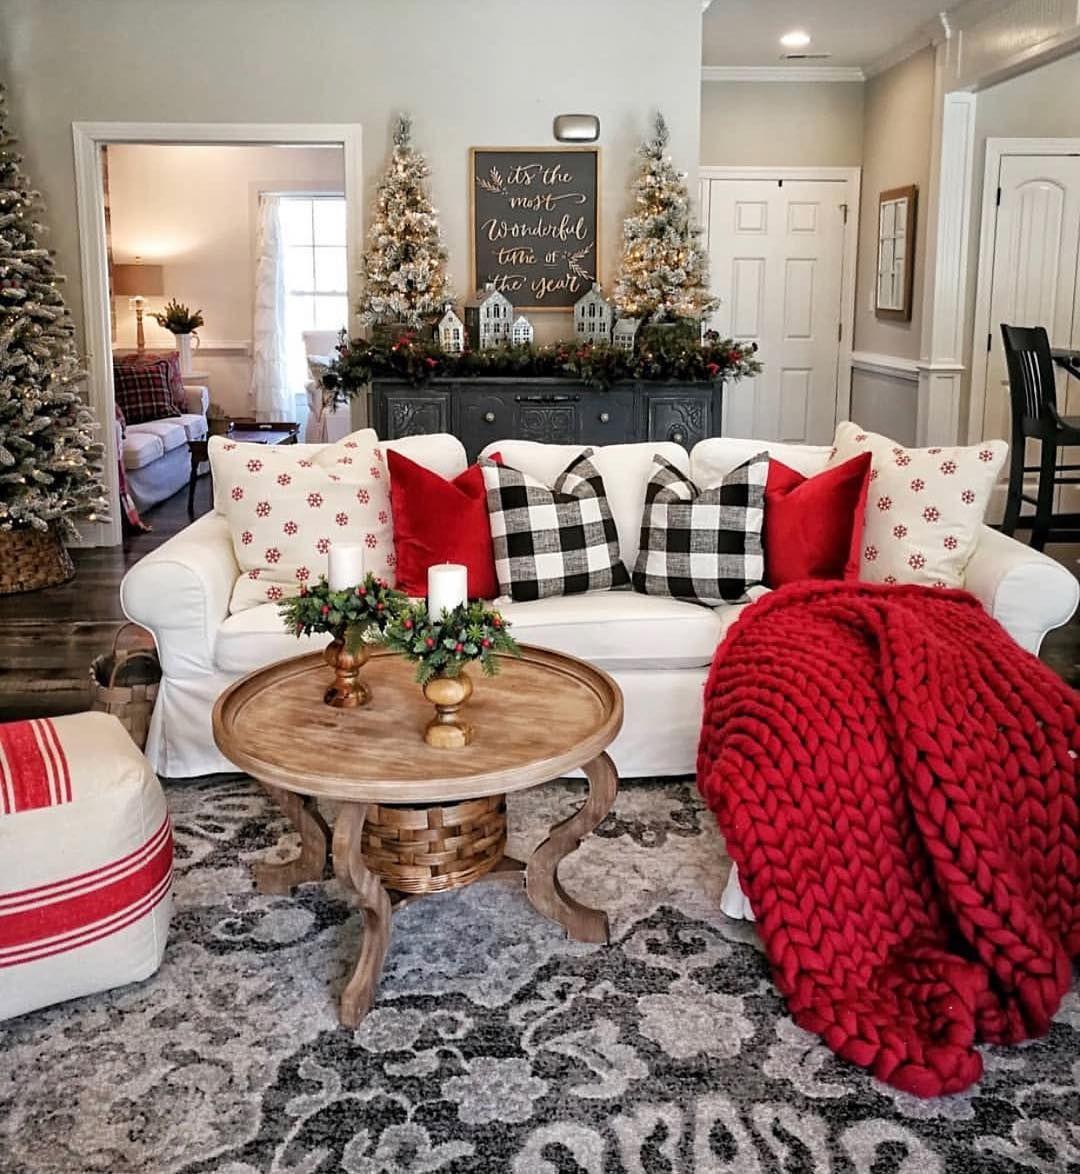 Christmas Decorations | Christmas decorations living room ...